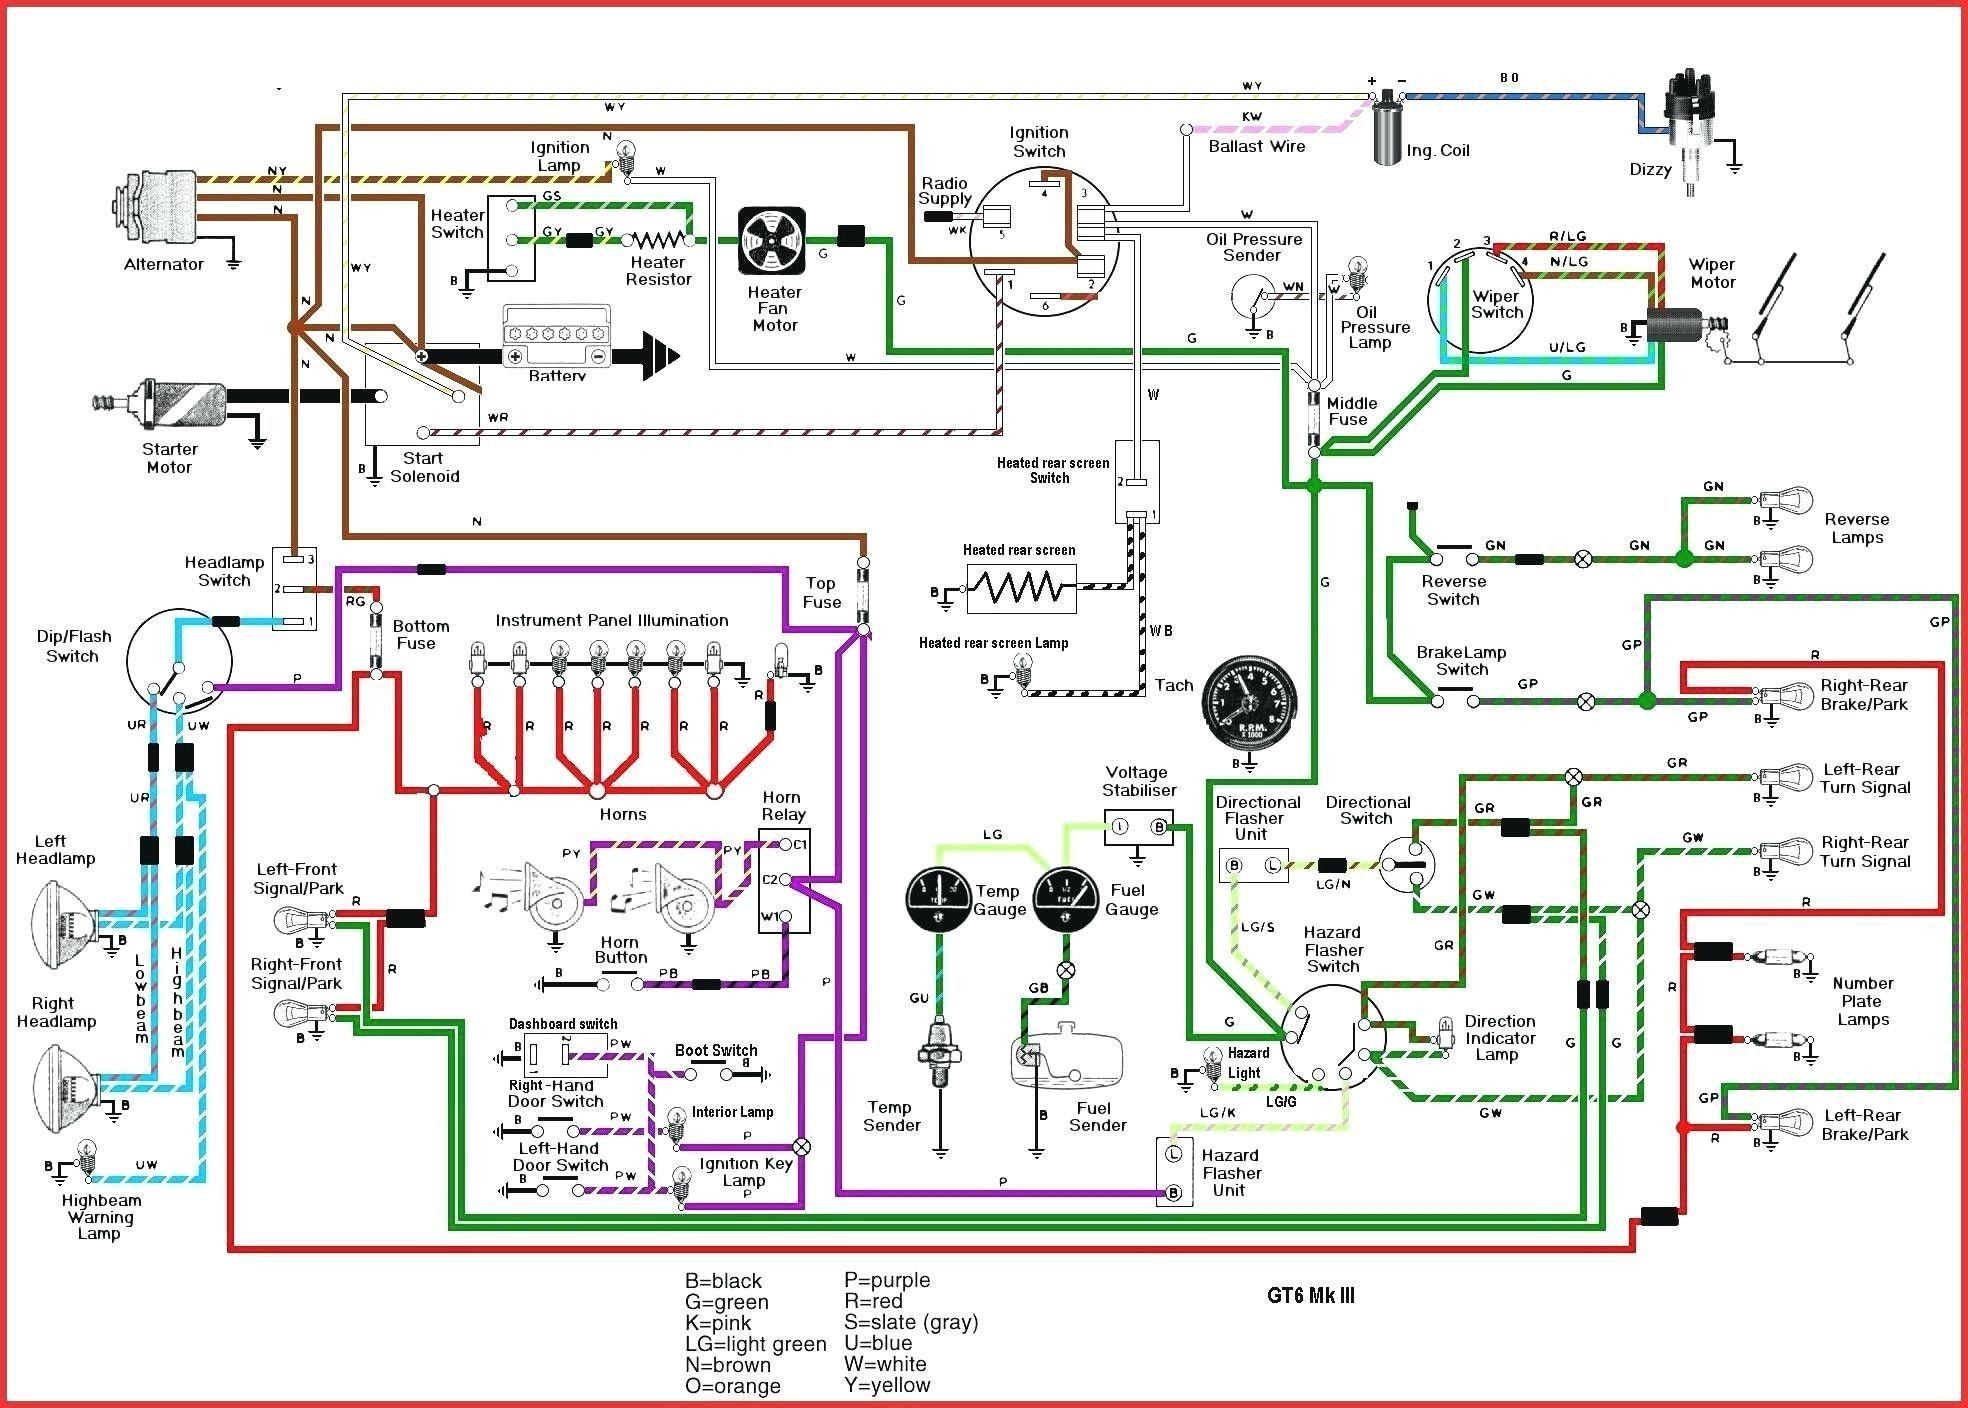 Wiring Diagram Samurai In 2020 Electrical Wiring Diagram Home Electrical Wiring Electrical Wiring